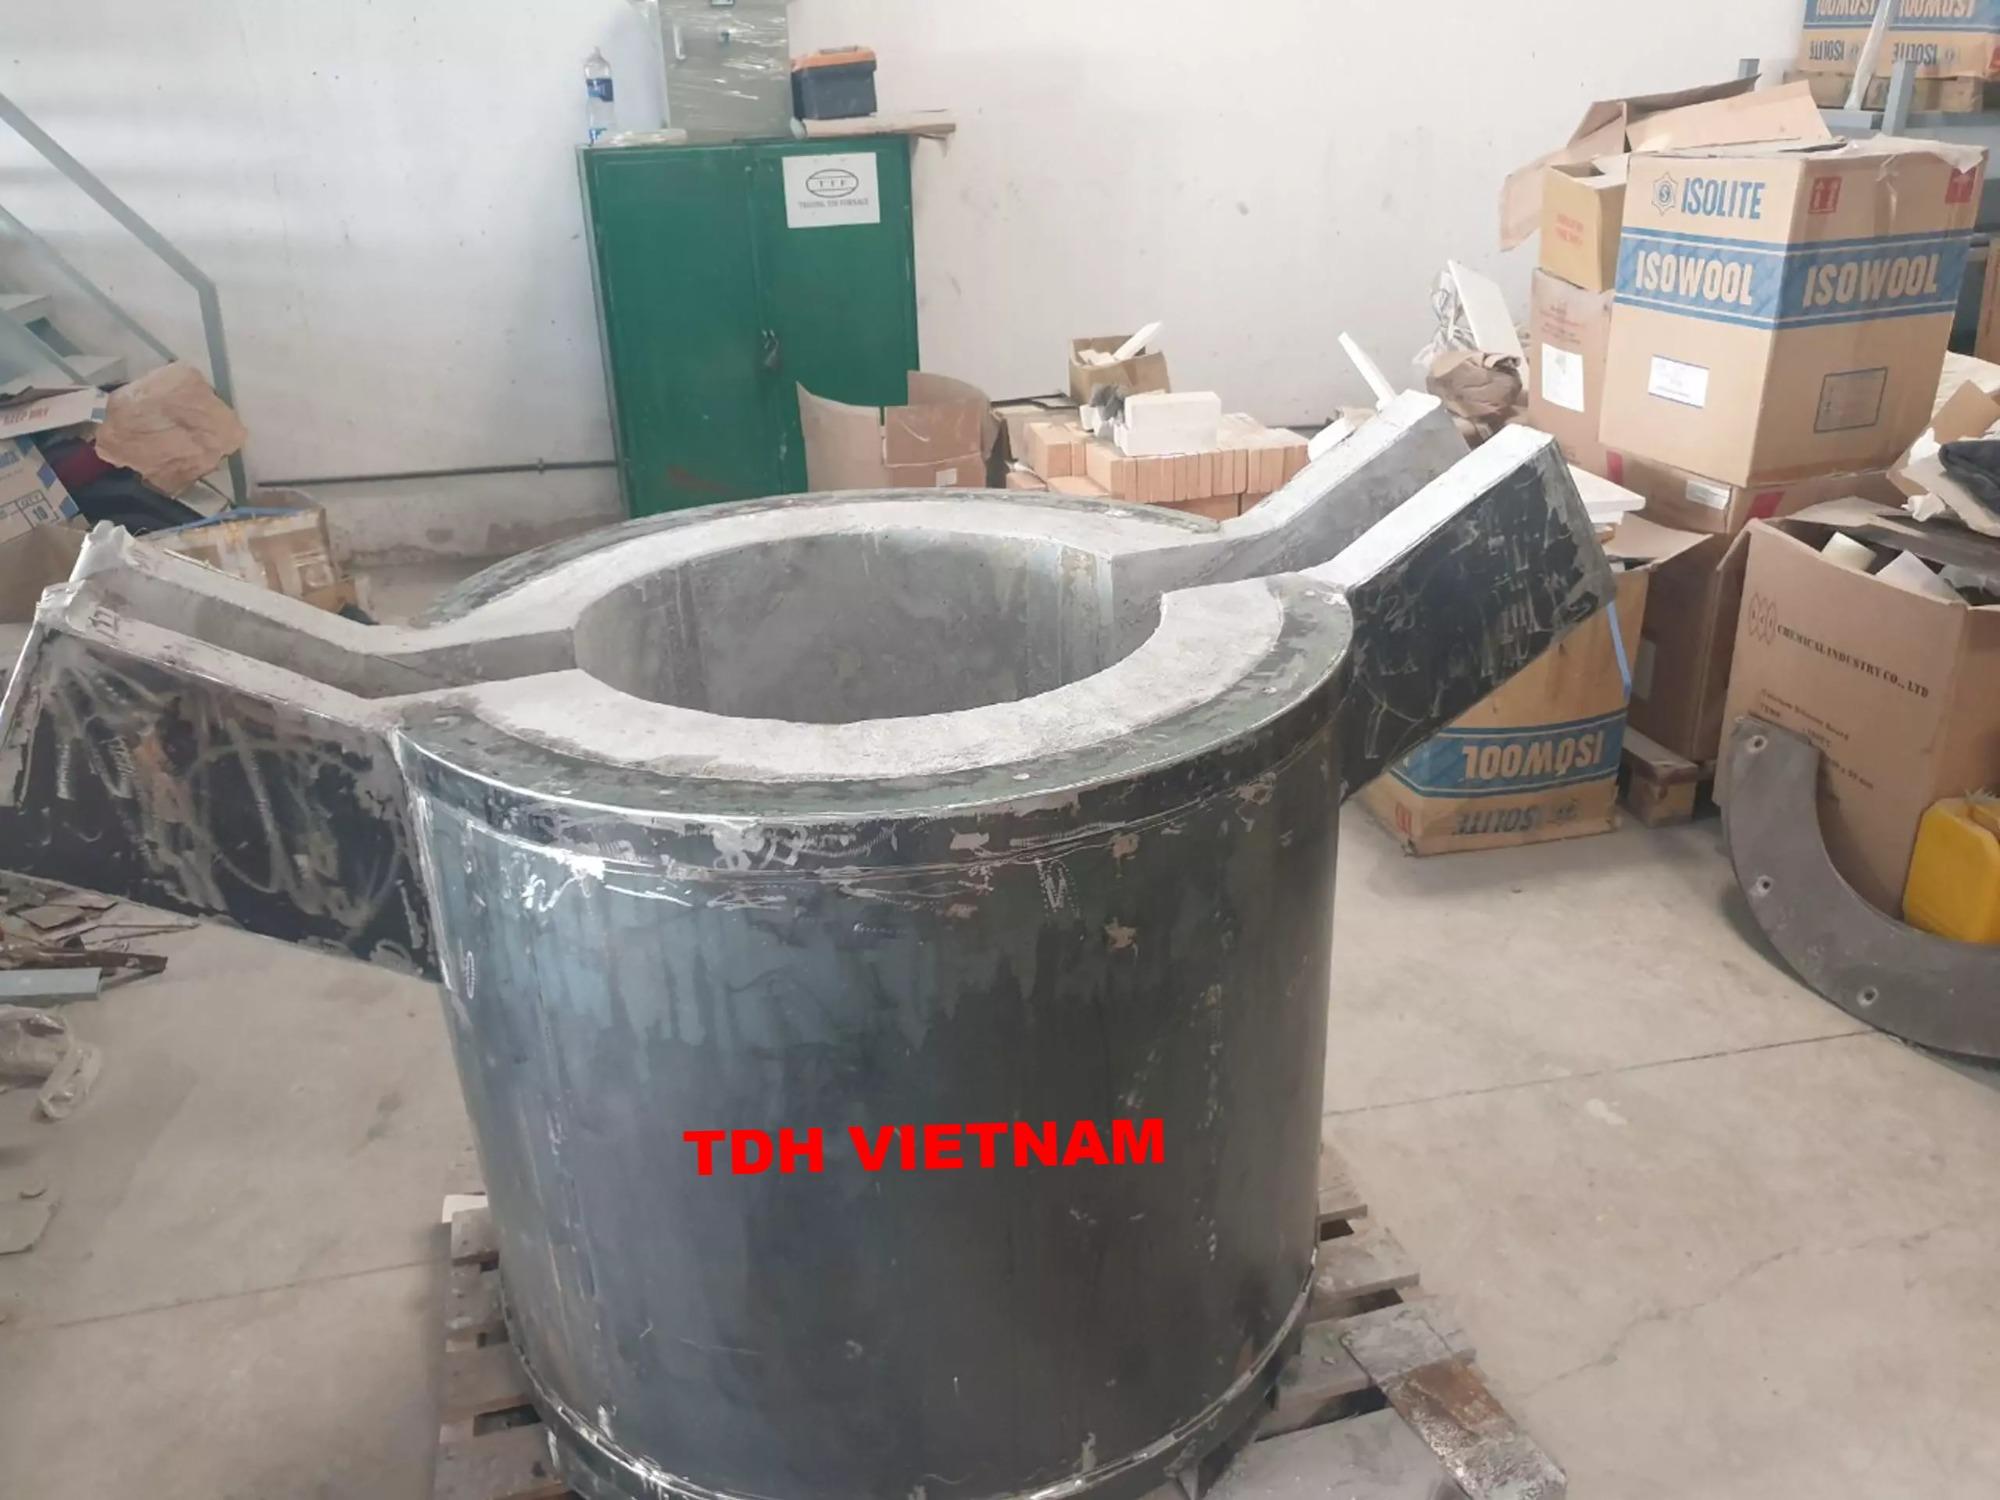 Bộ sấy và nồi vận chuyển trữ lượng 250-750 kg